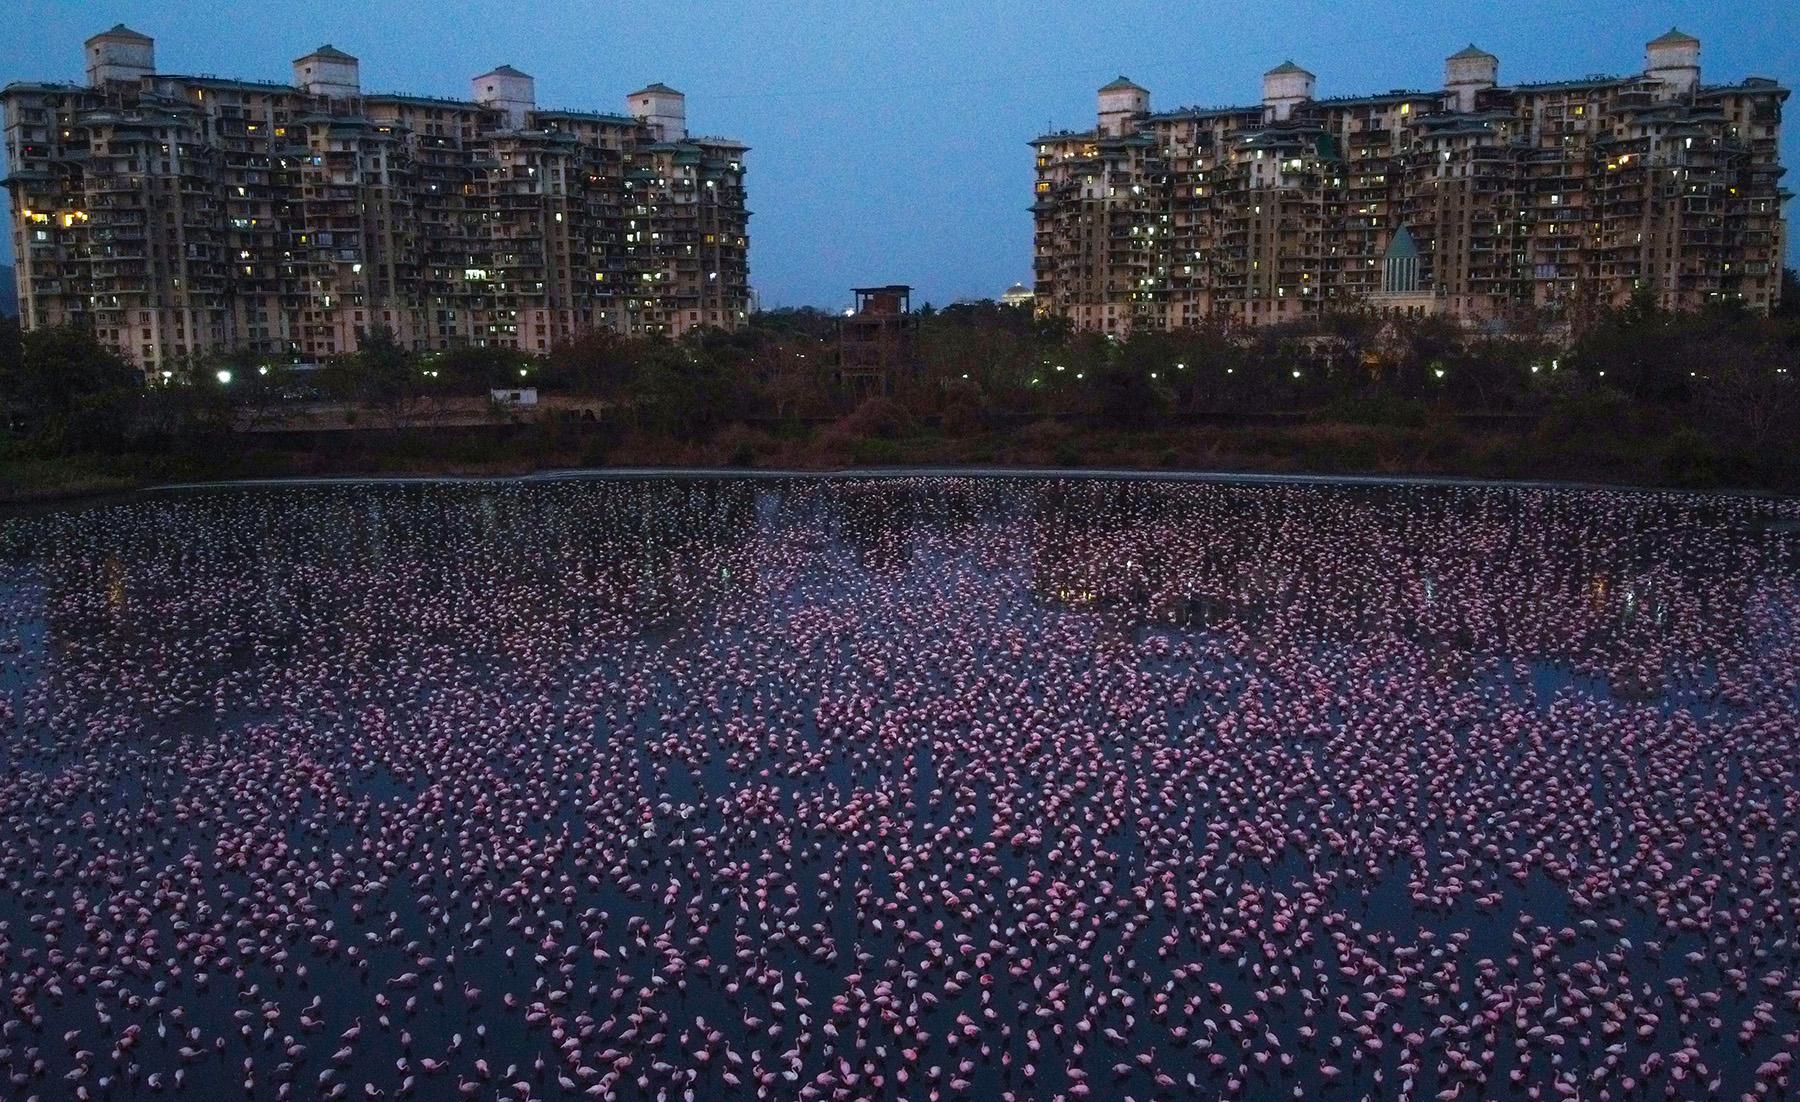 В индийском городе собрались 150 тысяч розовых фламинго